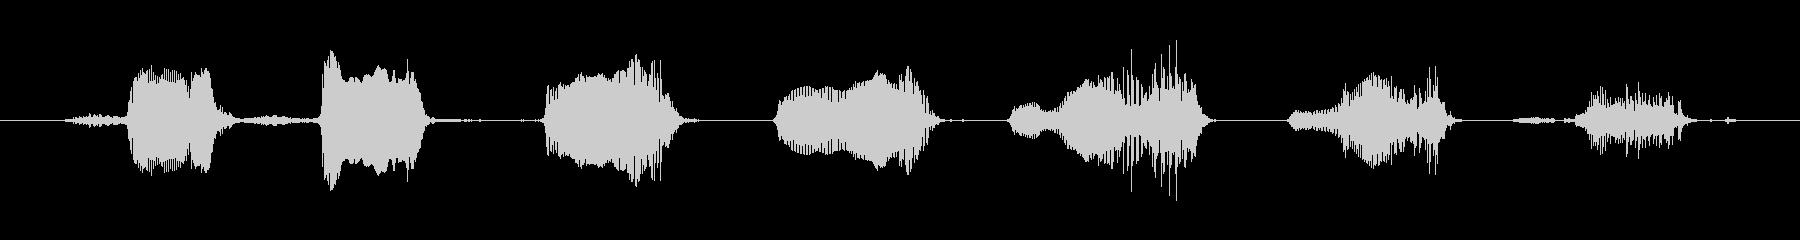 鳴き声 笑い声01の未再生の波形